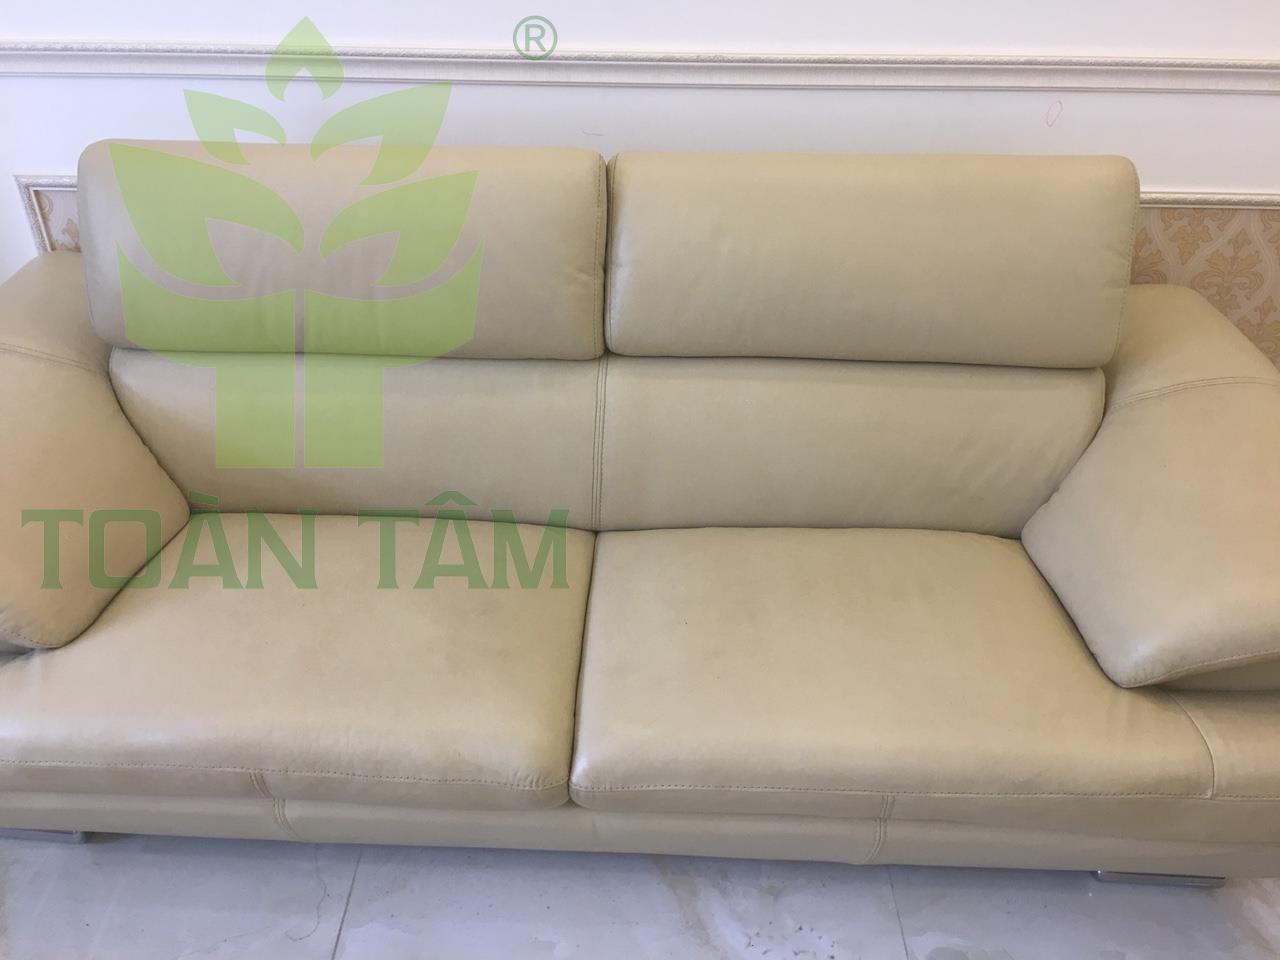 Cần bảo quản ghế sofa đúng cách